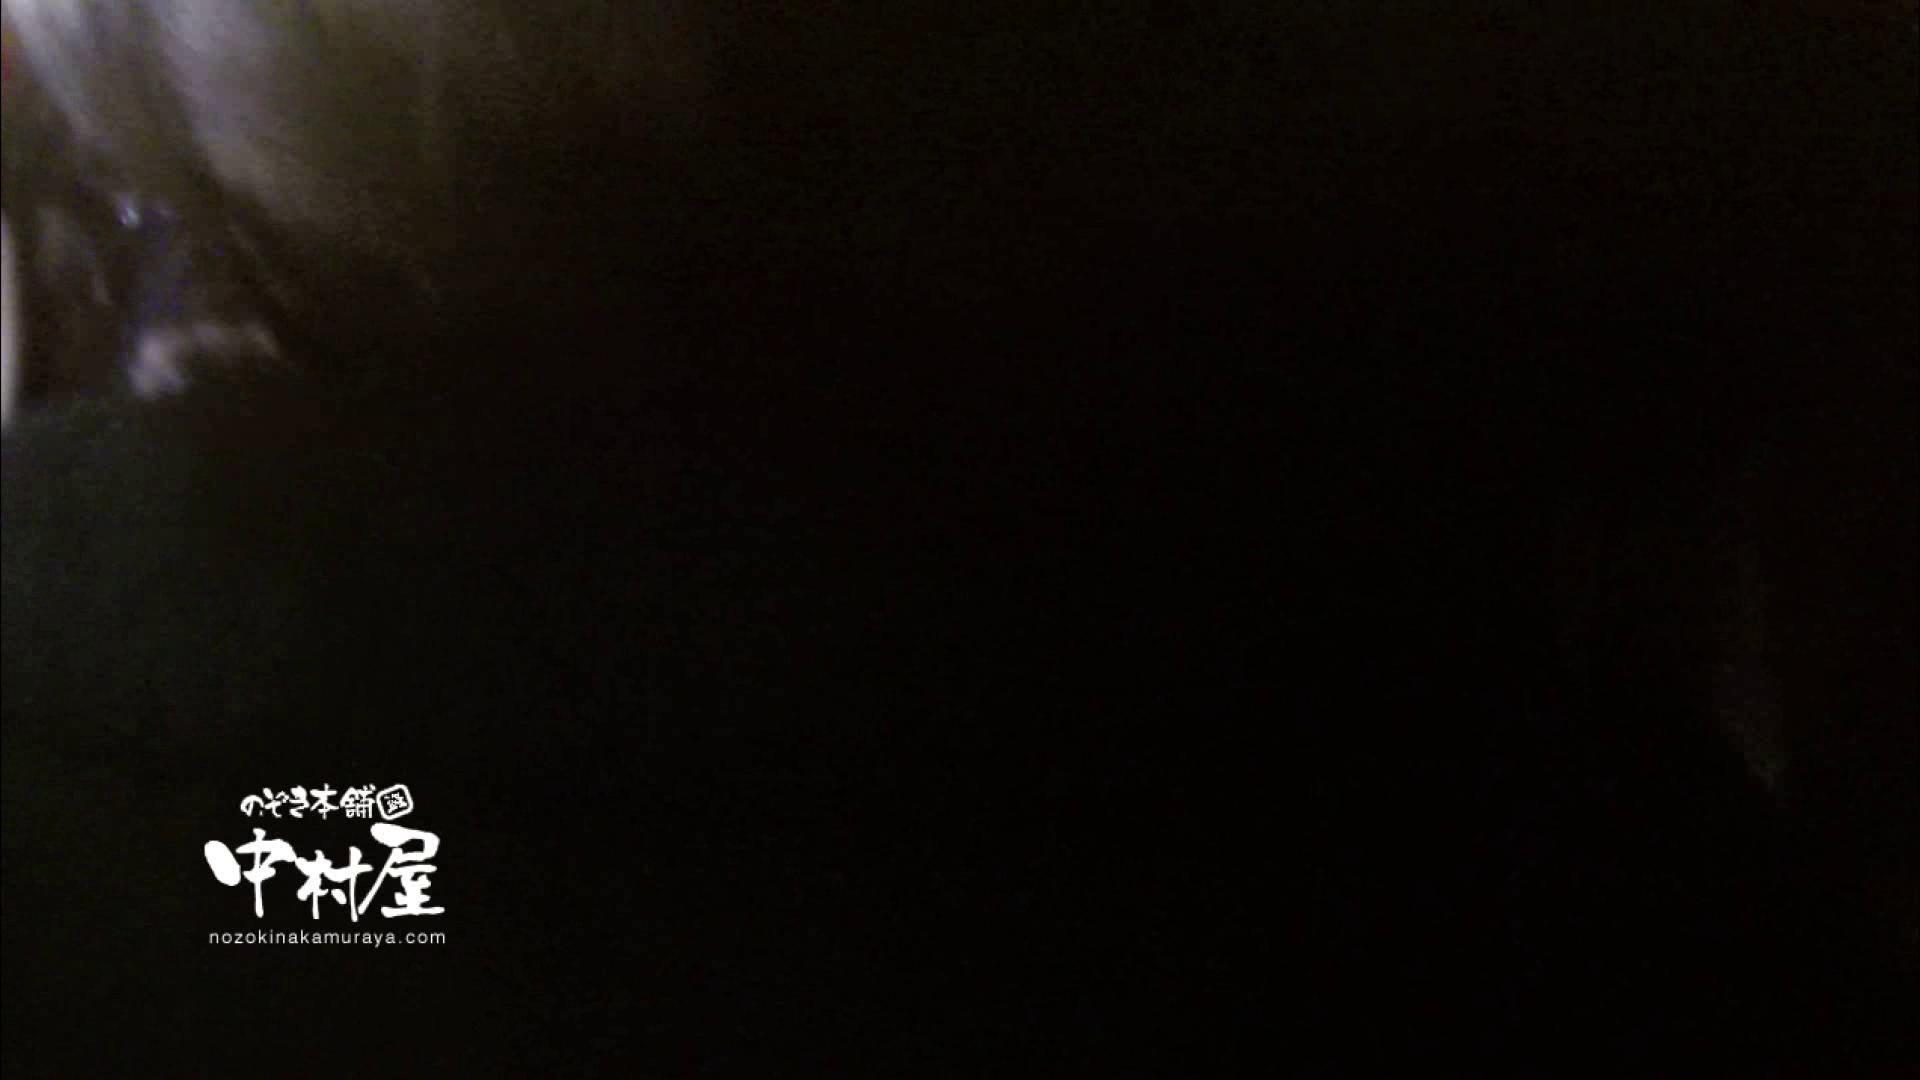 鬼畜 vol.11 下の口は正直なオンナ 後編 鬼畜  82pic 62